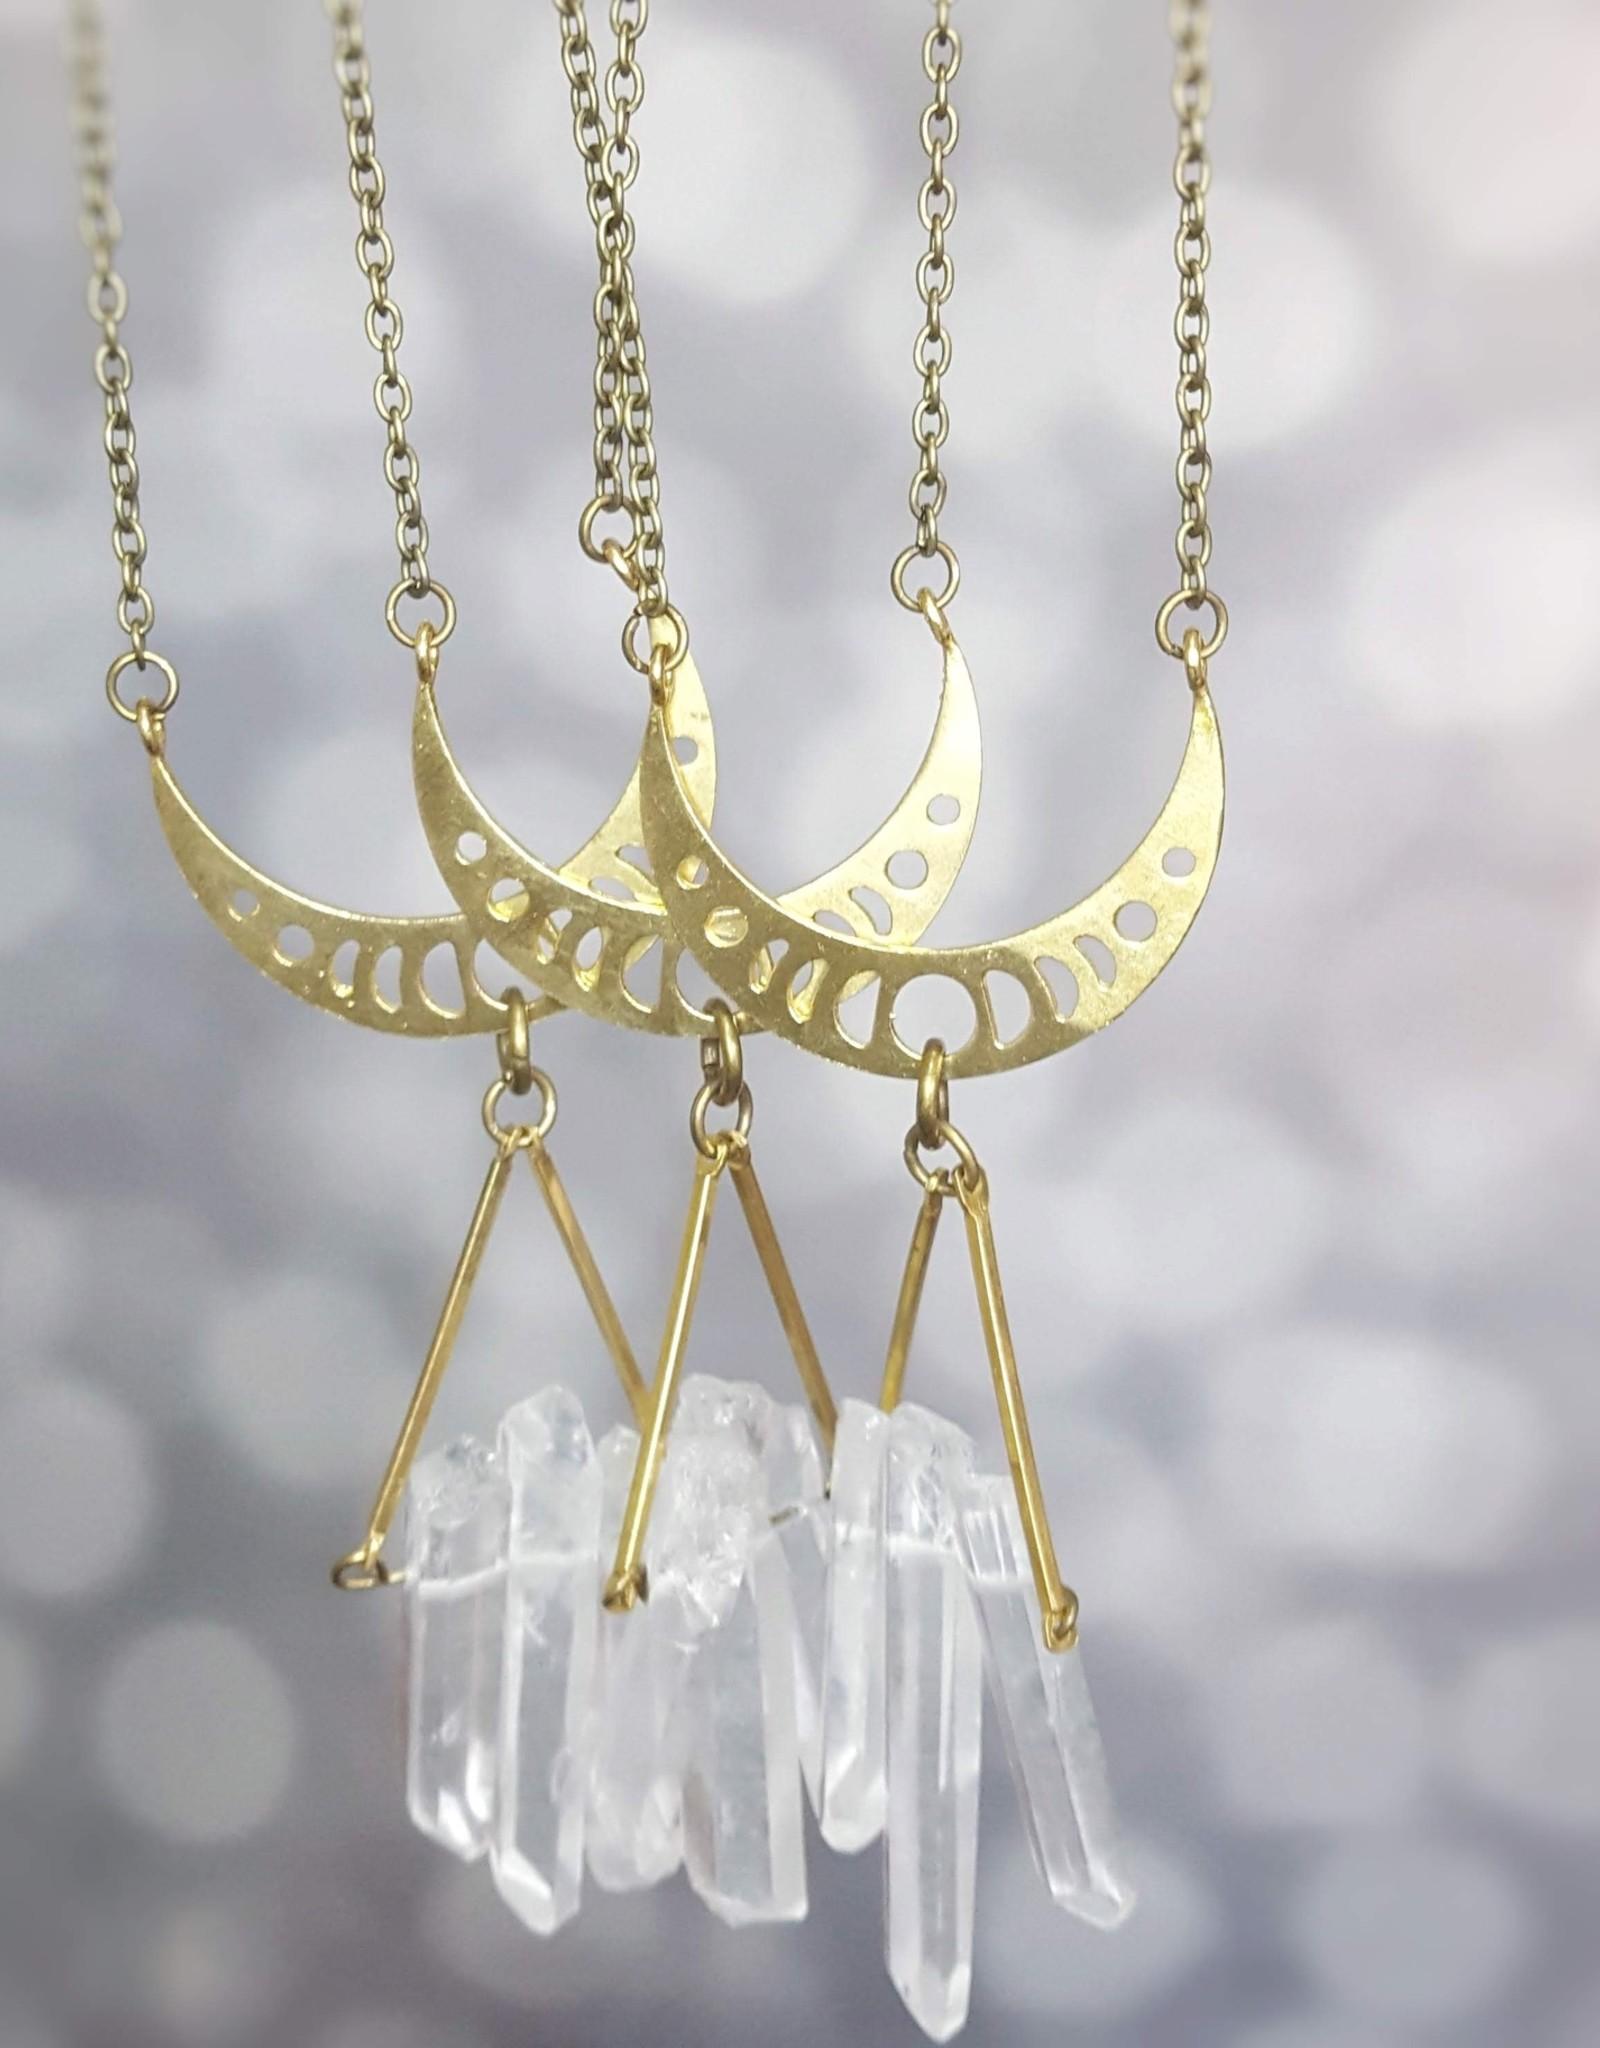 Dynamo *Clear Quartz Crystal Necklace Moon Modern Boho Necklac